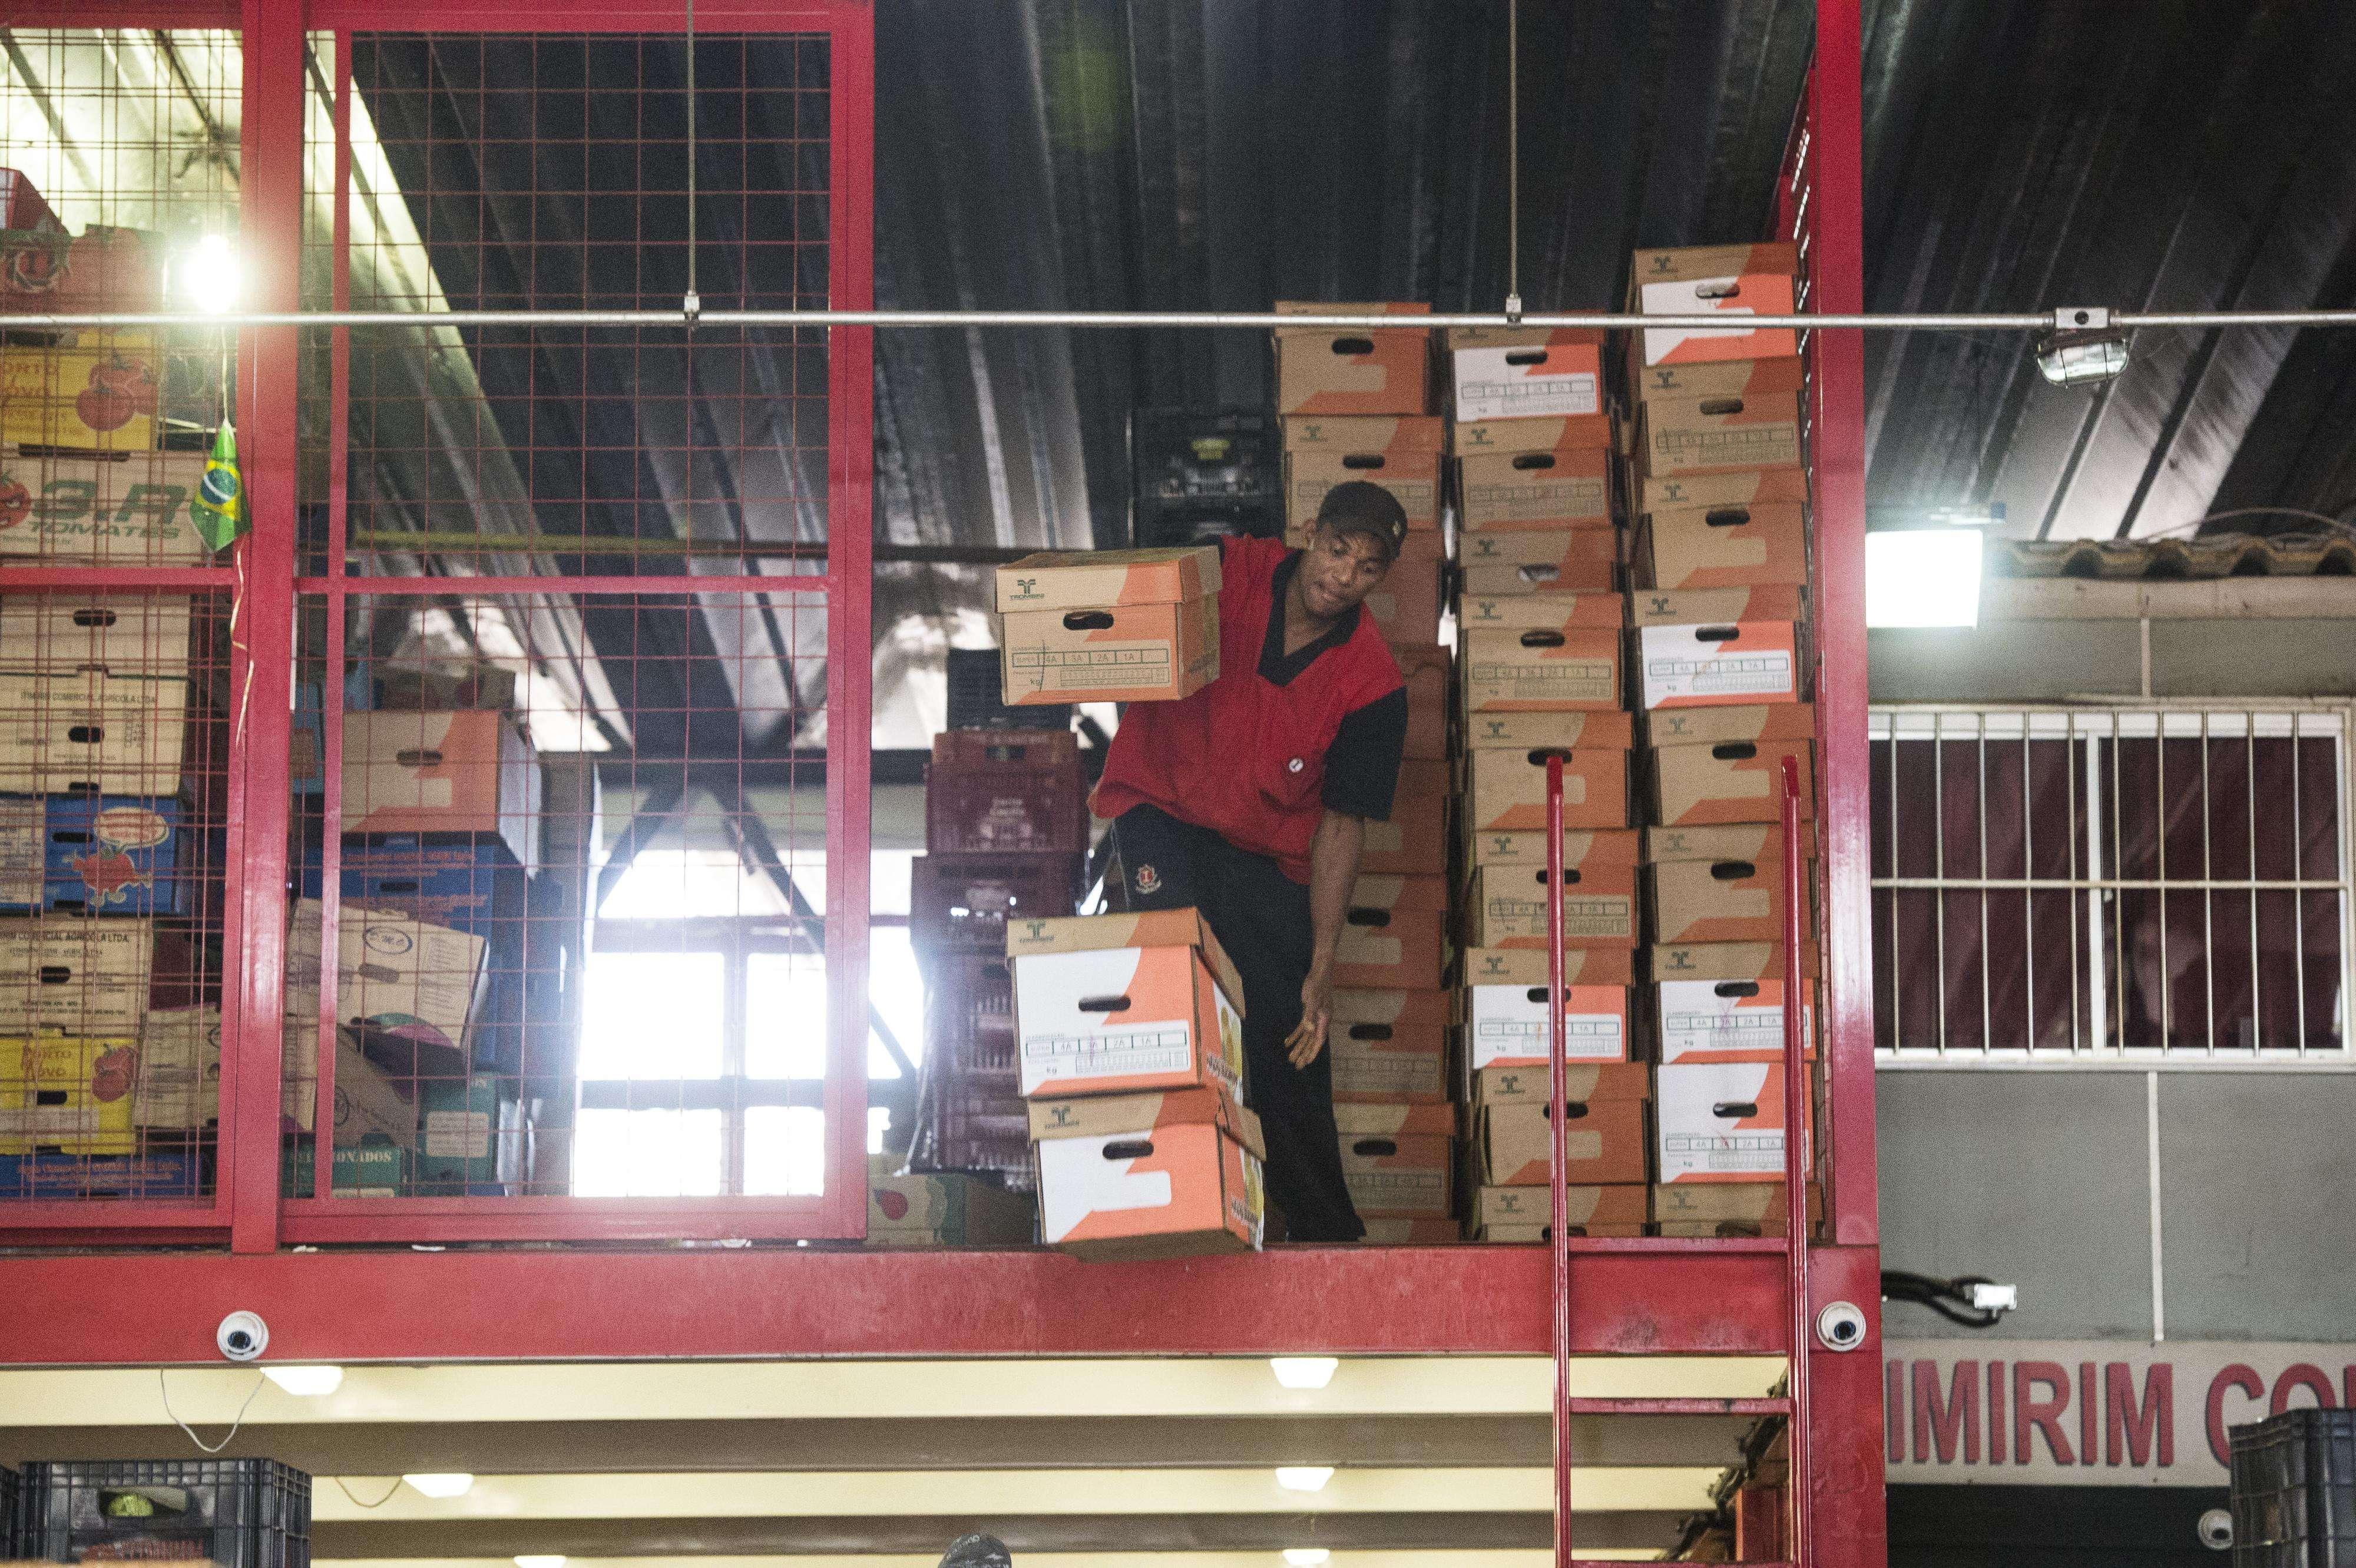 Os 700 funcionários não aceitam o aumento oferecido pelo Ceagesp de 6,38%, referente a reposição da inflação Foto: Bruno Santos/Terra